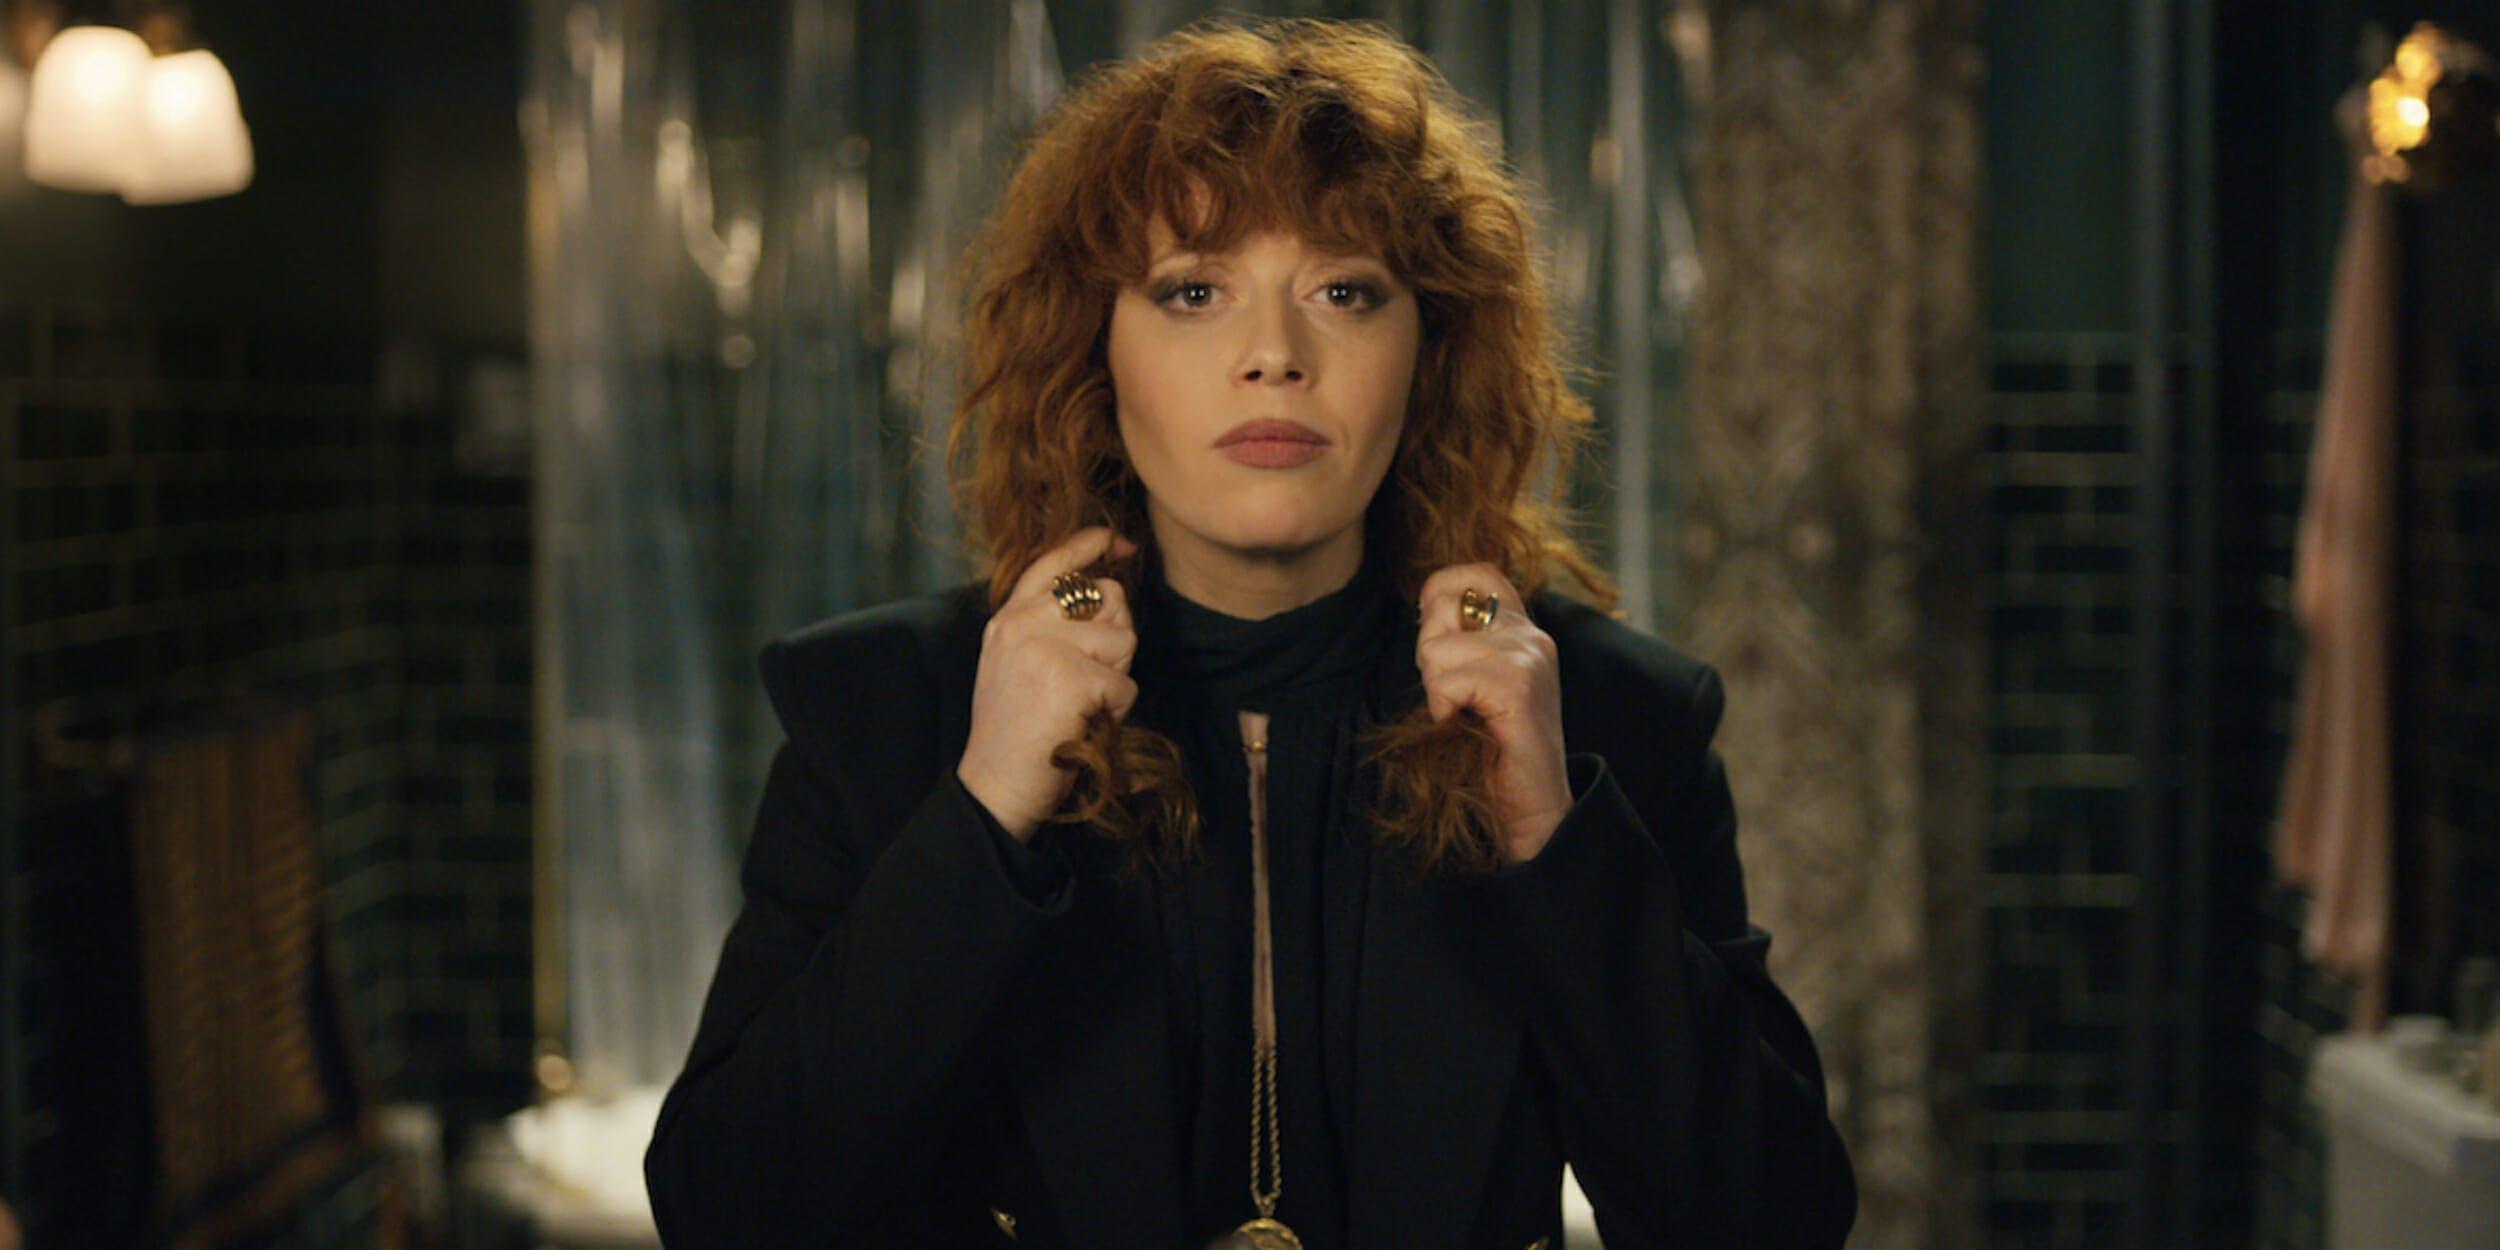 Netflix original series 2019: Russian Doll